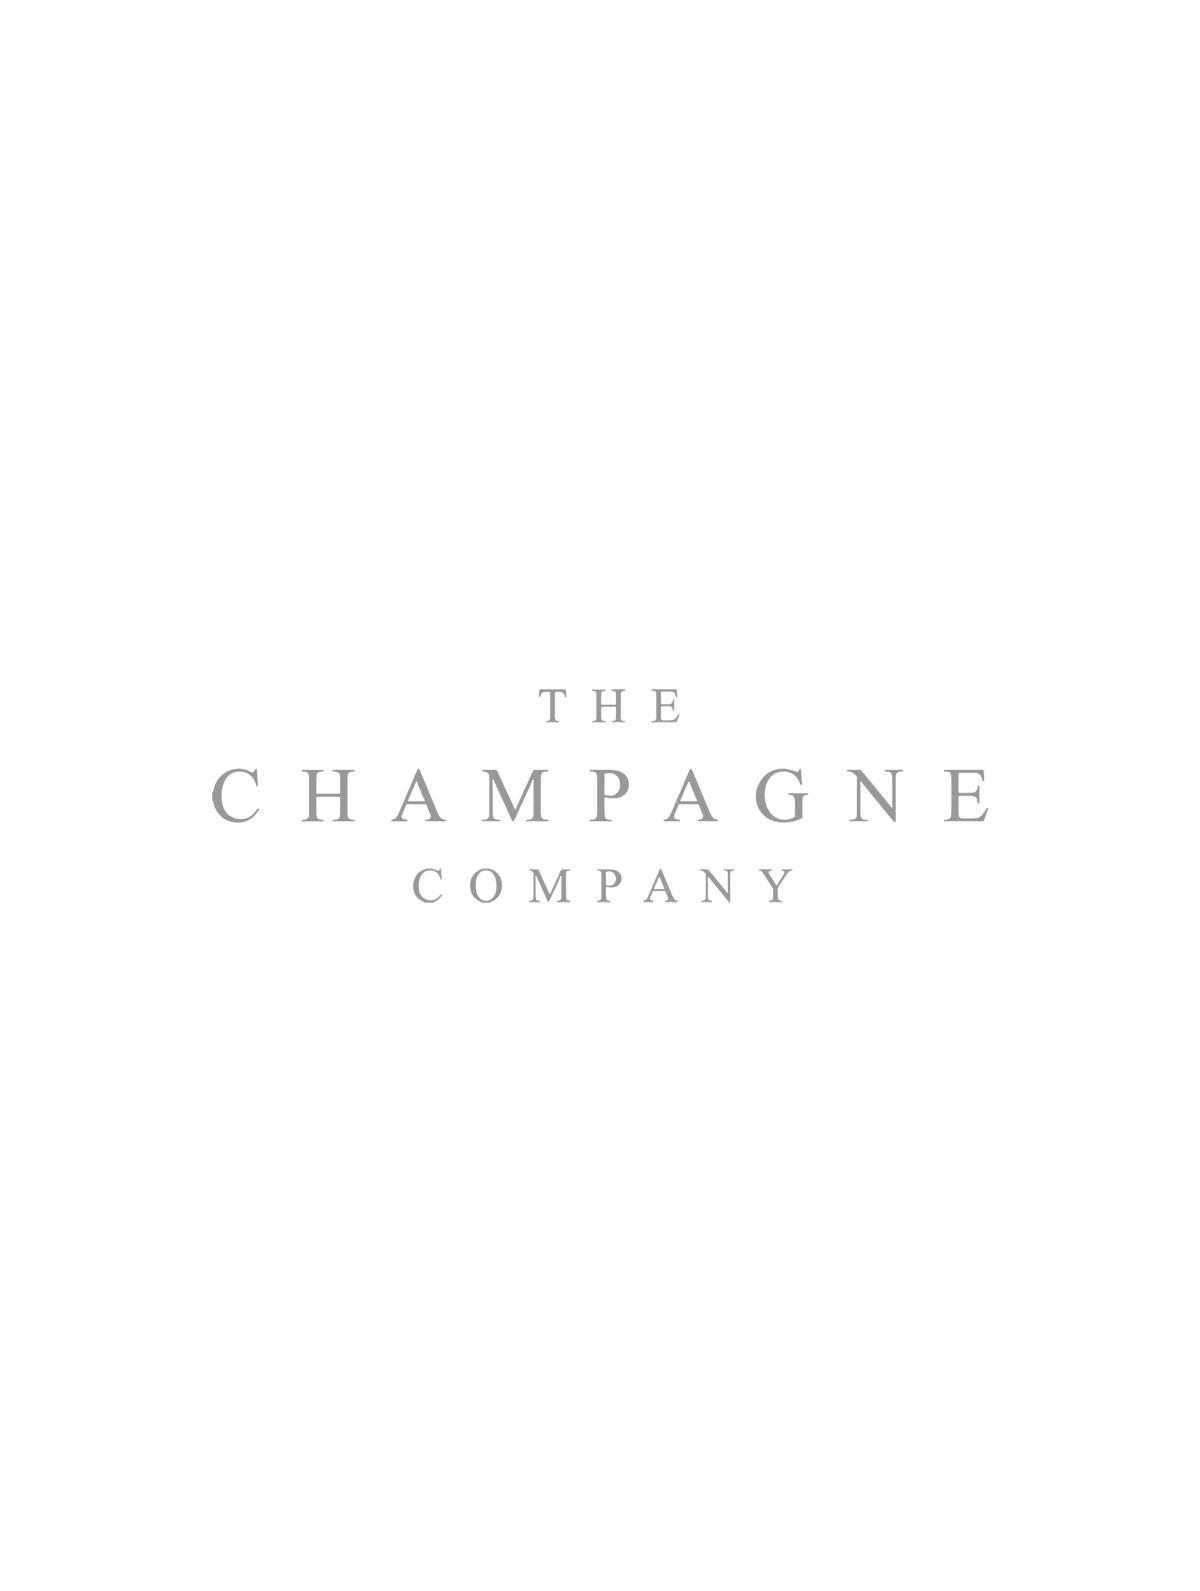 Stonecroft Hawkes Bay Sauvignon Blanc White Wine 2014 75cl